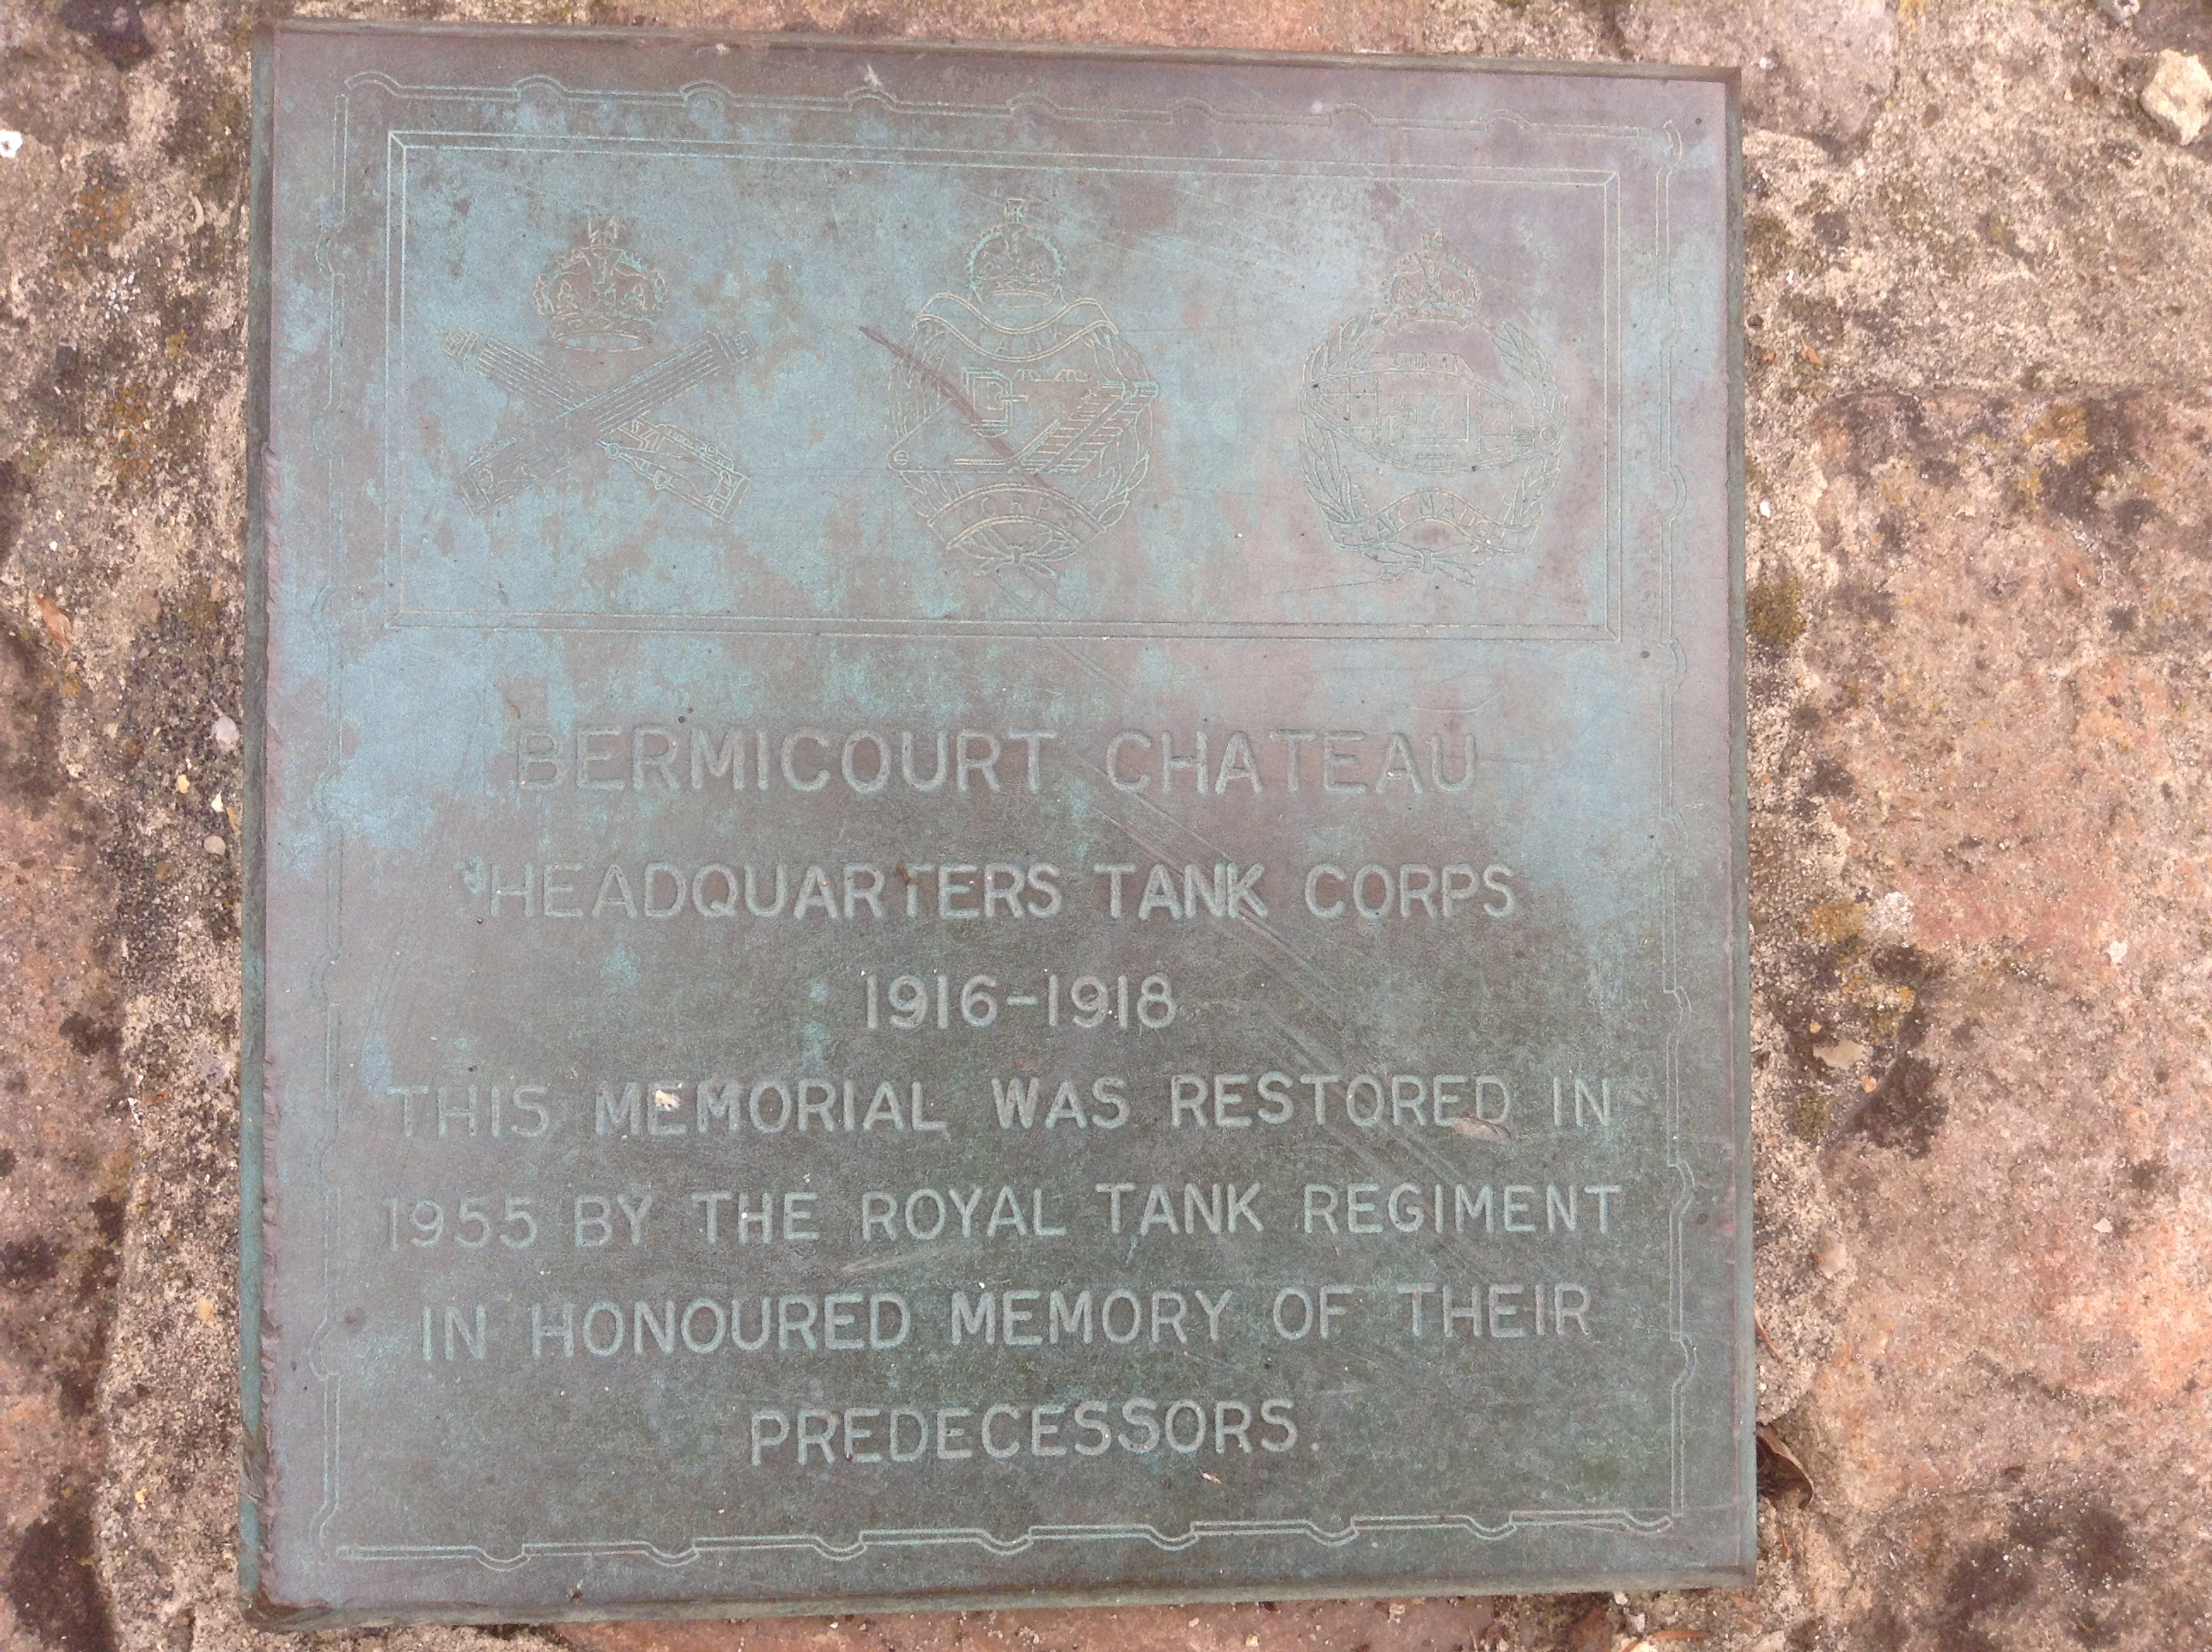 Tank Corps memorial, La Cour de Rémi